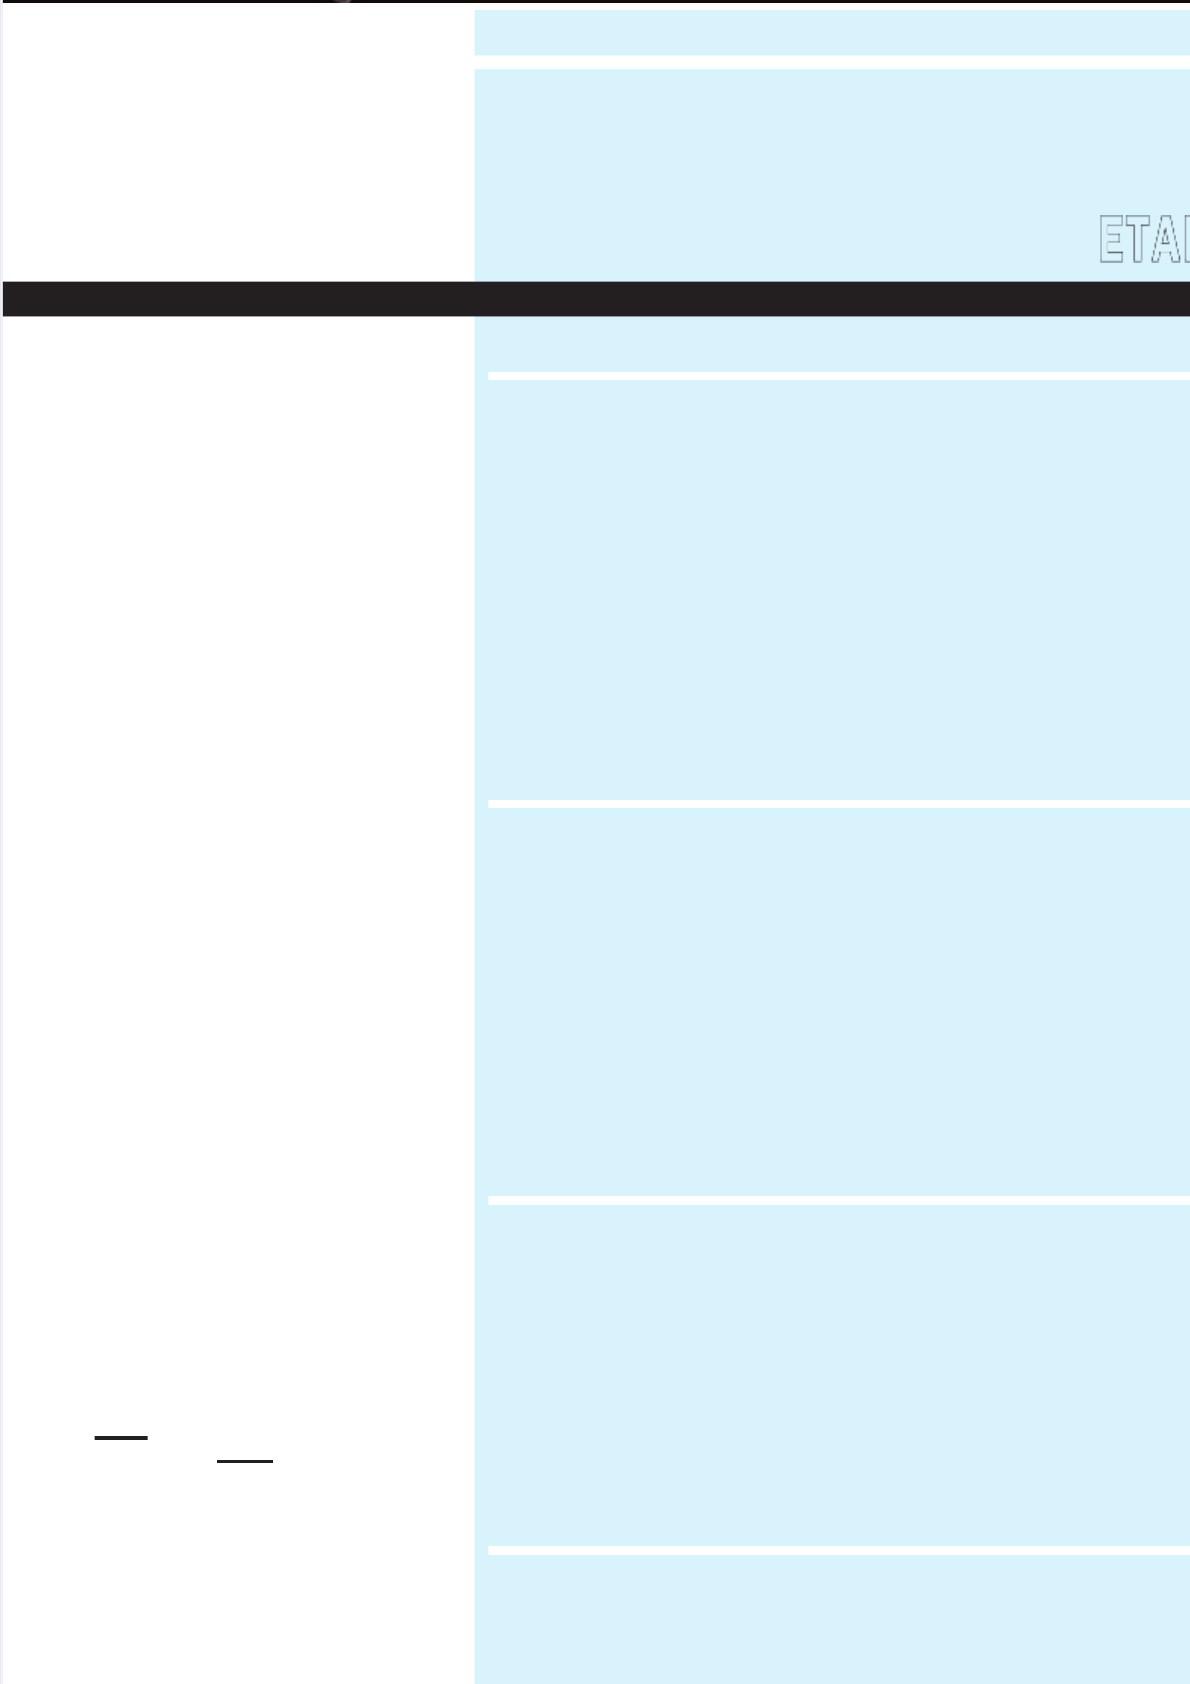 Calendario Semanal Por Horas Para Imprimir Mejores Y Más Novedosos Club Saber Electrnica Nro 88 Curso Superior De Electrnica Of Calendario Semanal Por Horas Para Imprimir Más Recientes Blog Posts Sitio torrent